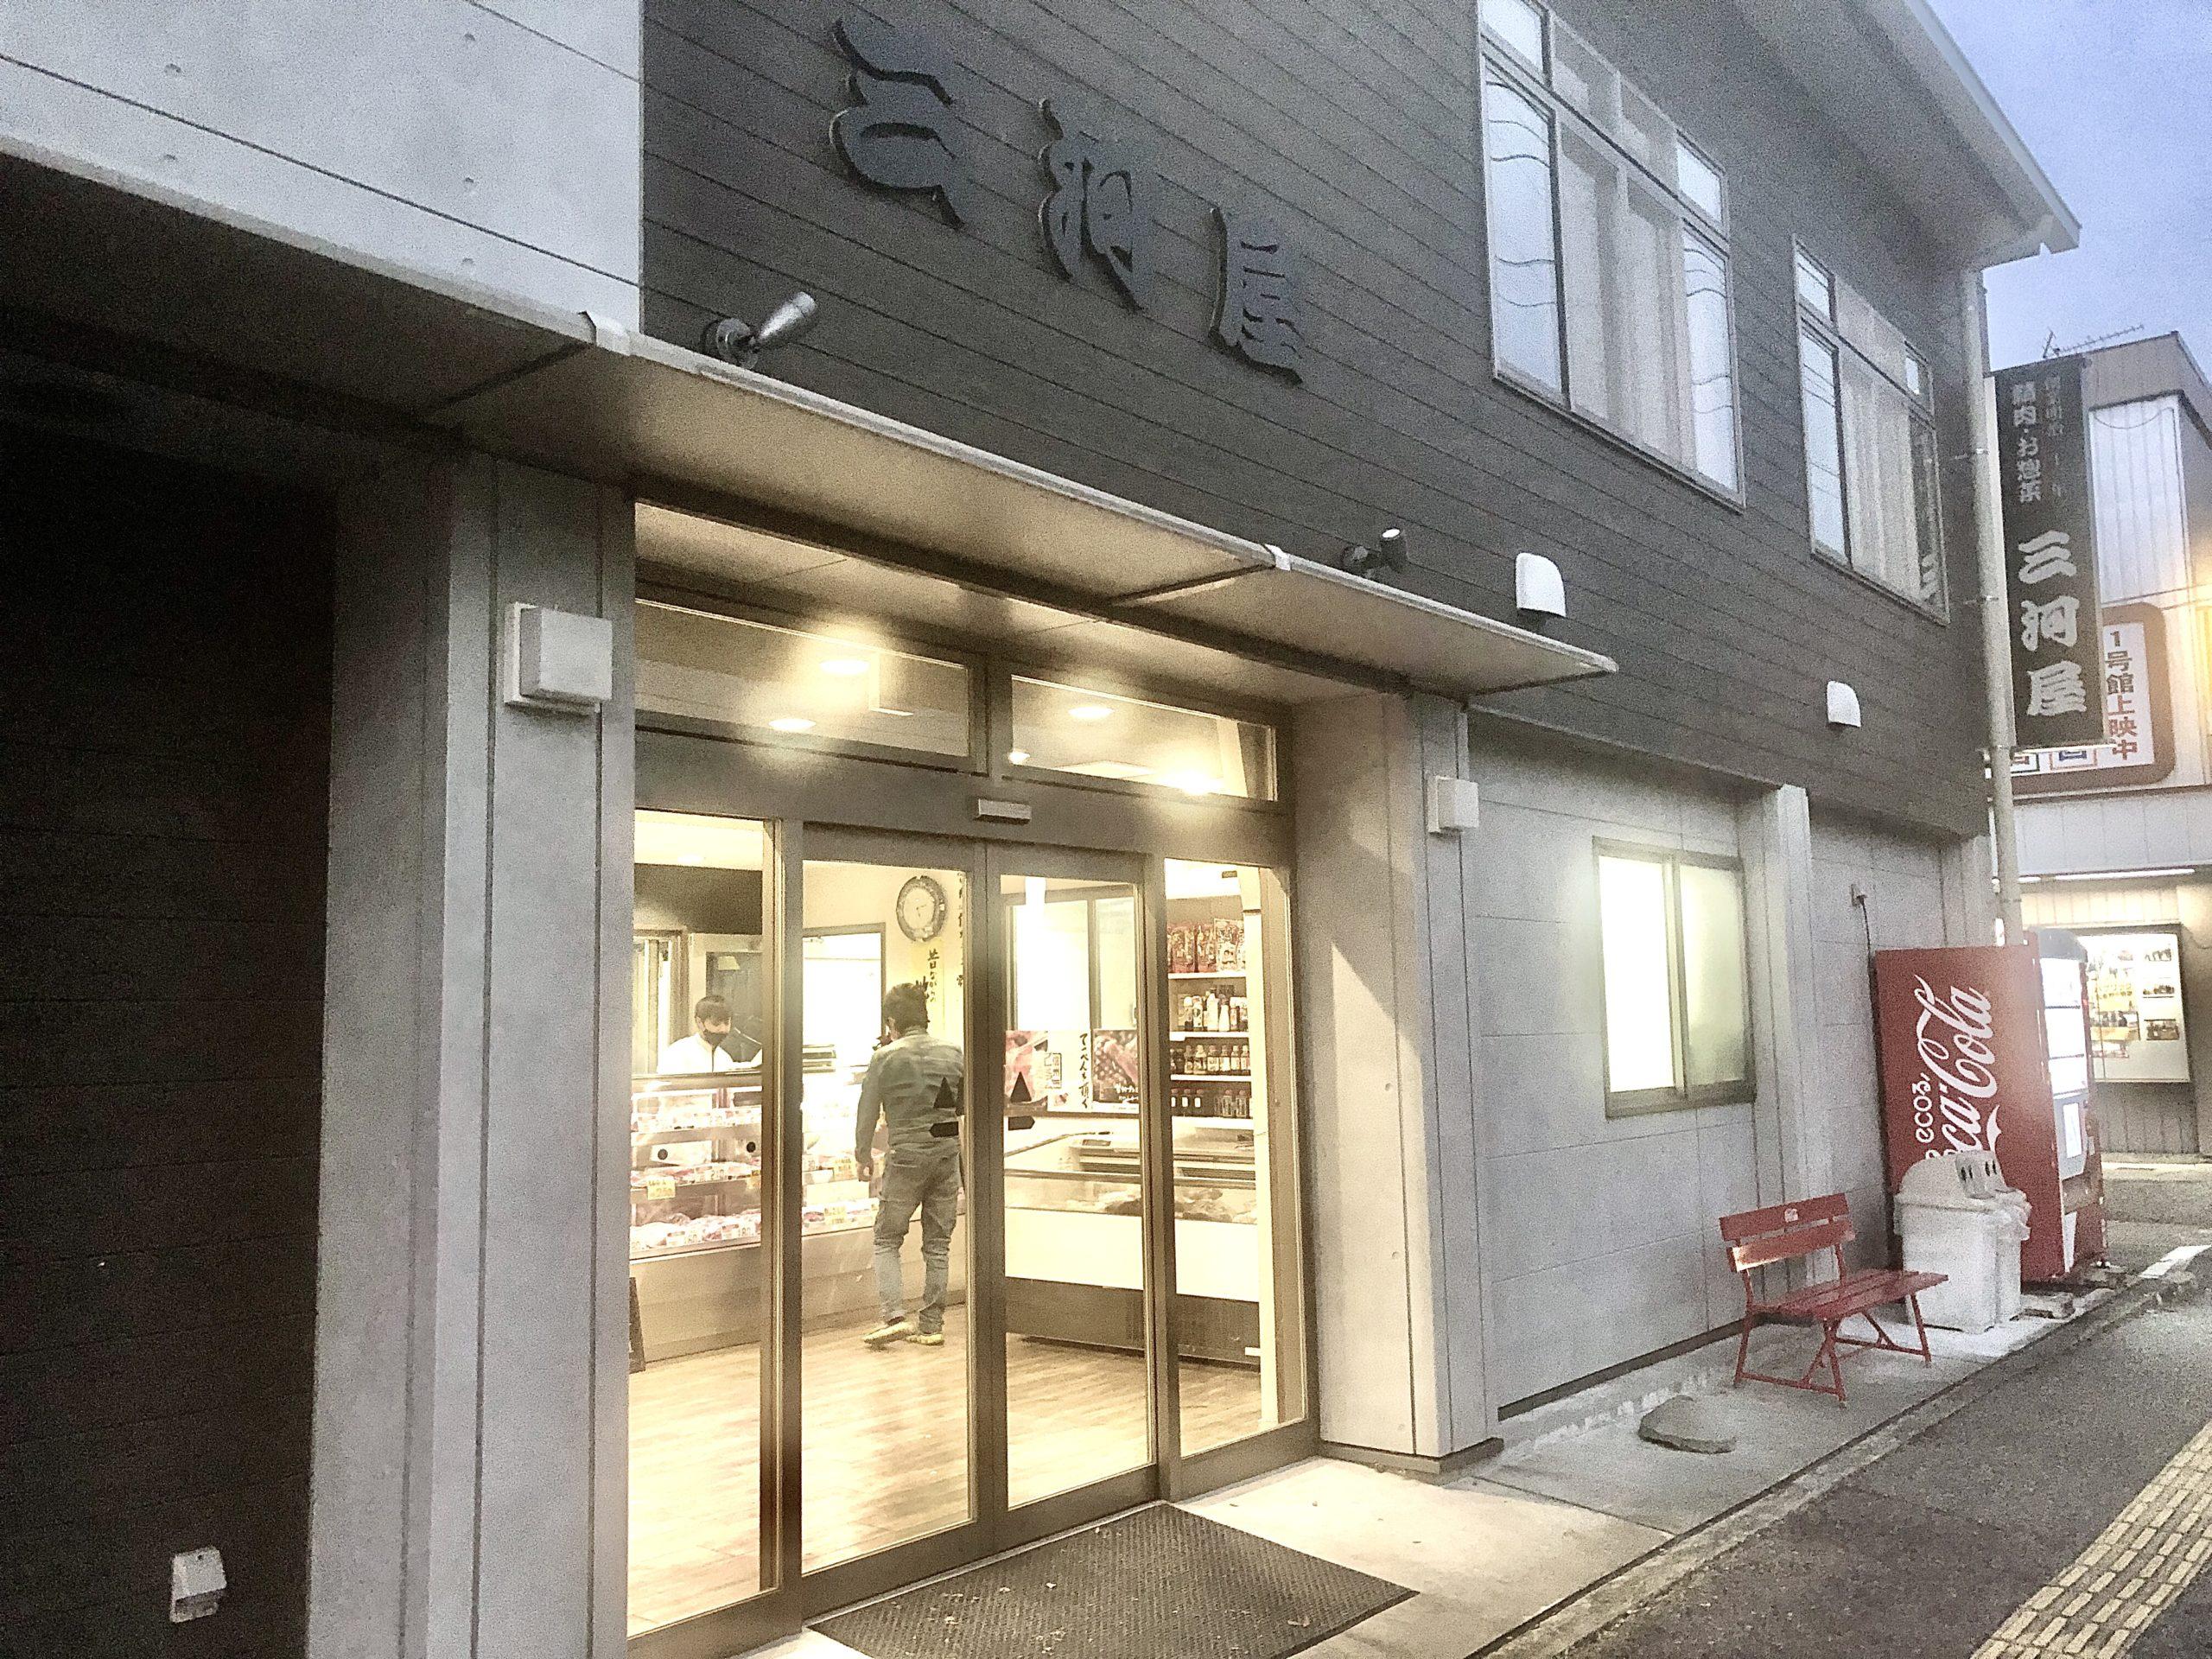 「三河屋」は塩尻駅前で旨い肉を買いたい時にベストな精肉店